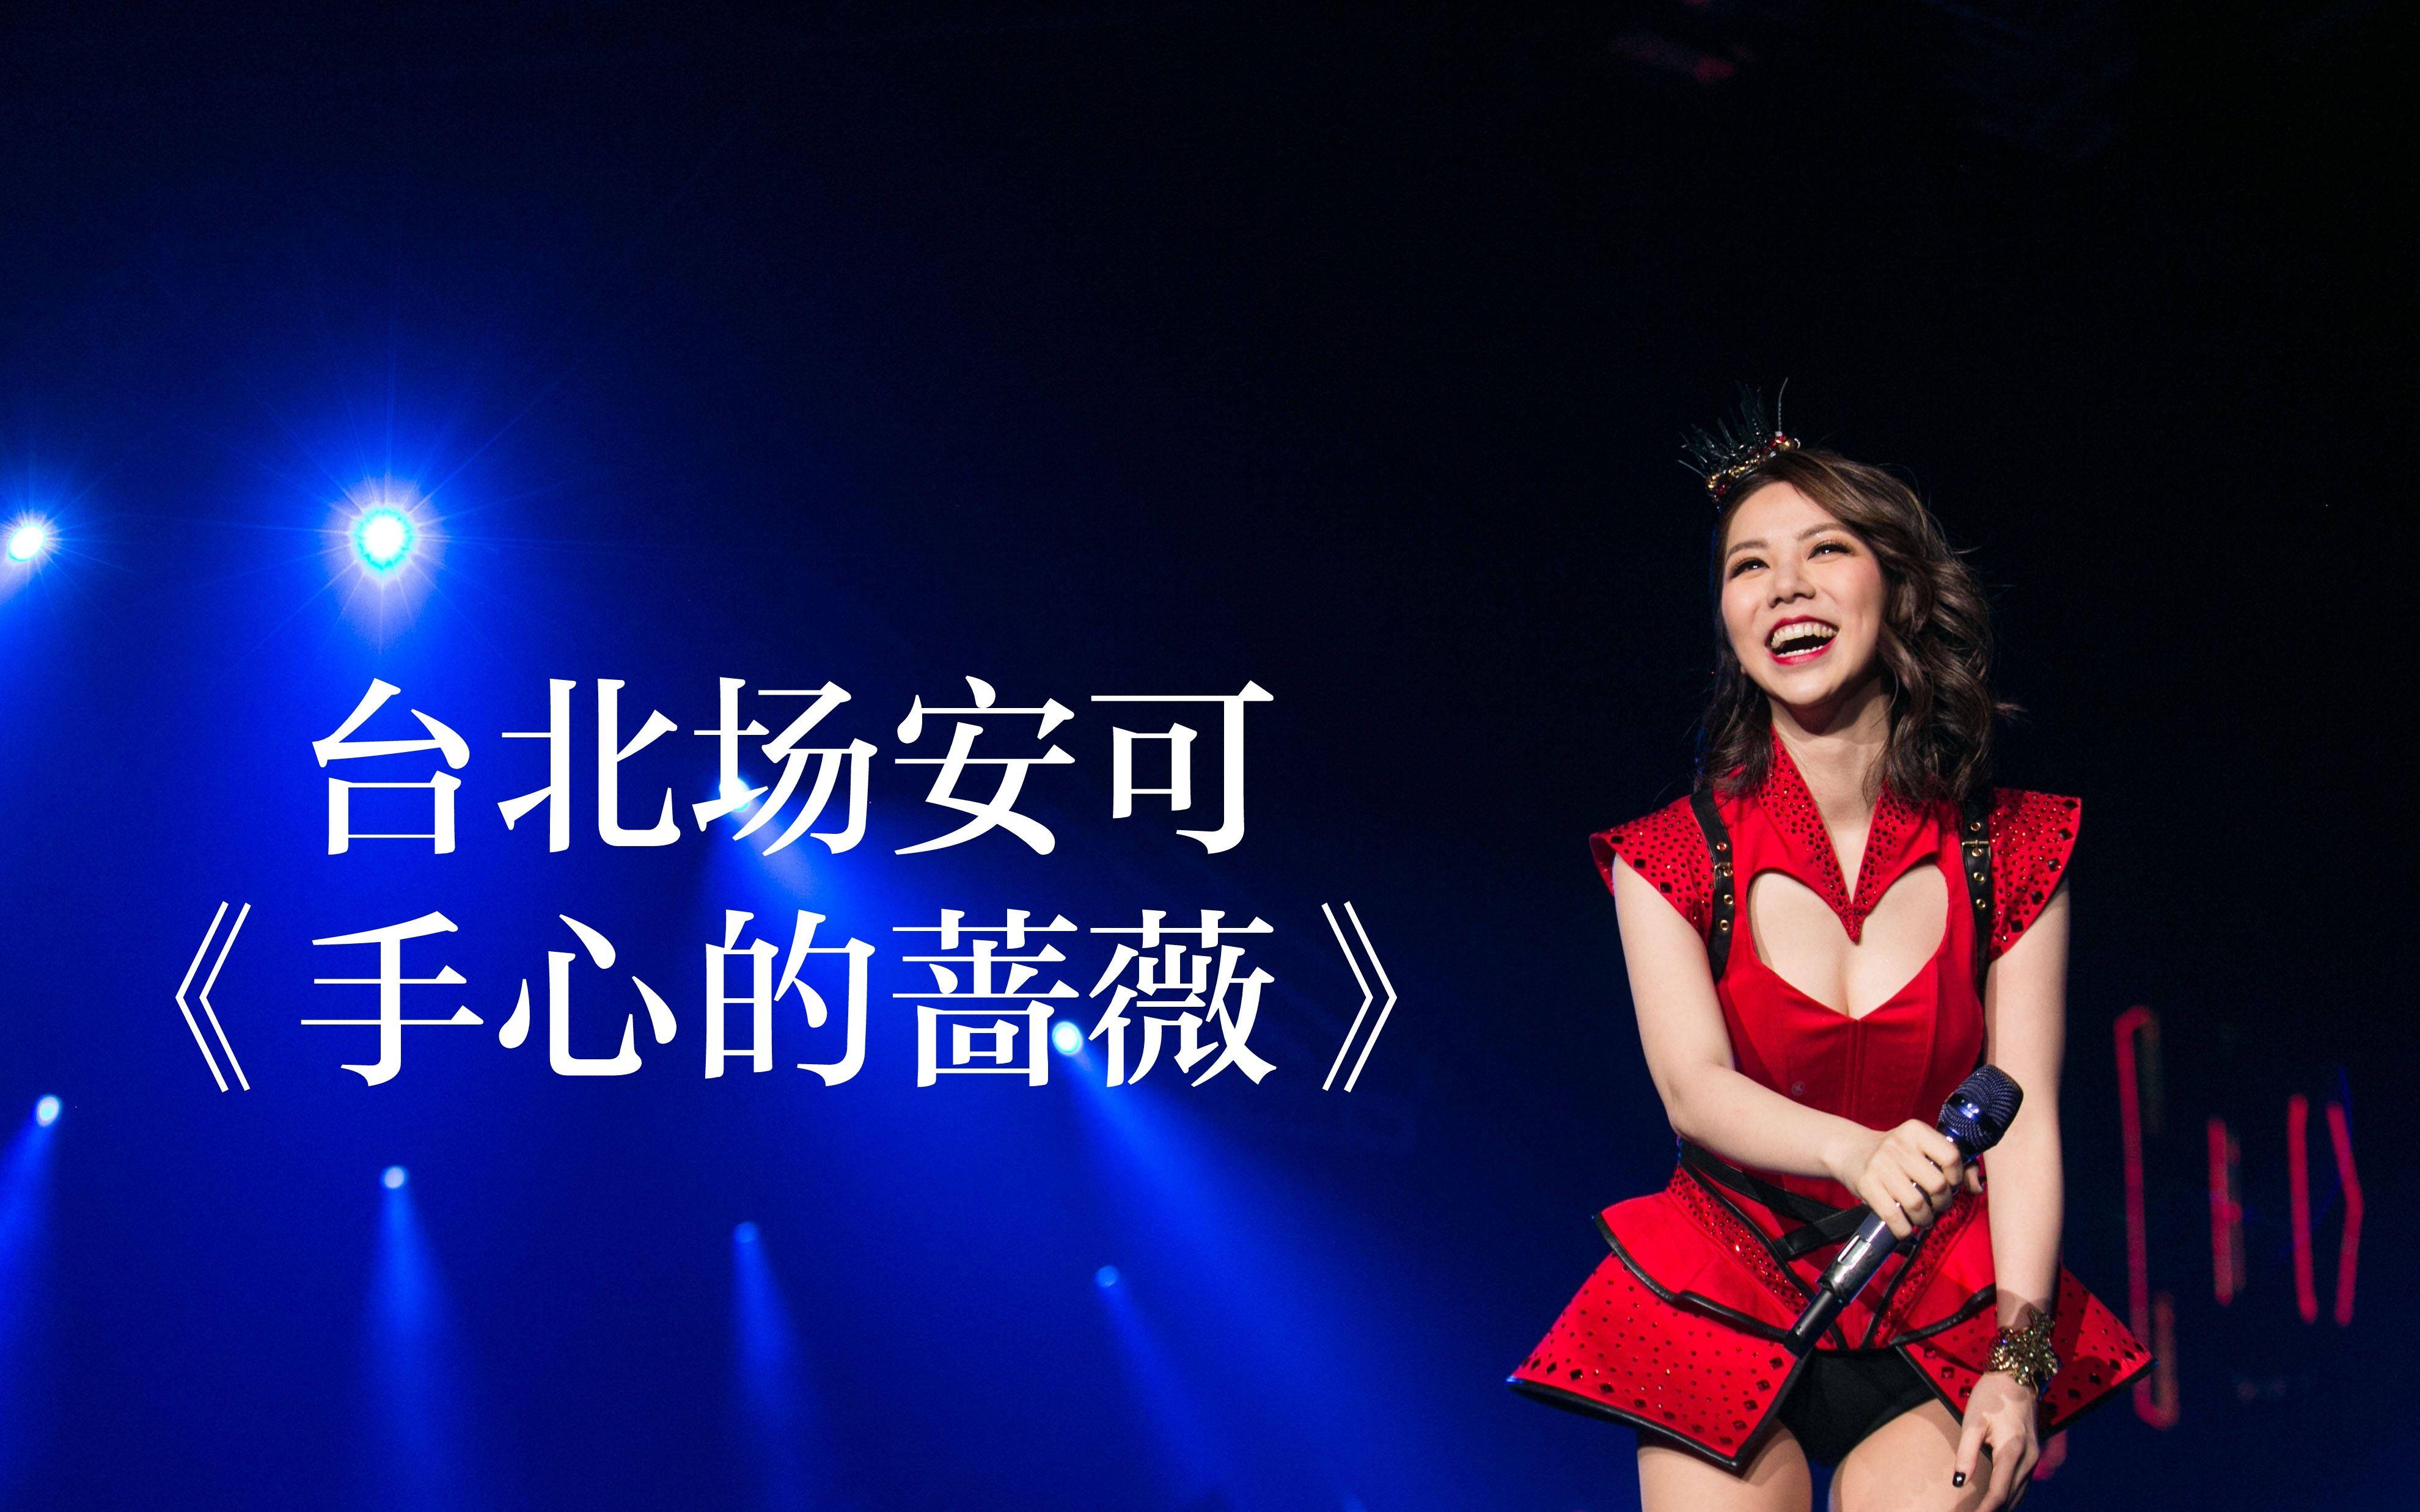 东方卫视2018春晚 邓紫棋深情演唱全程cut 只是心疼台图片